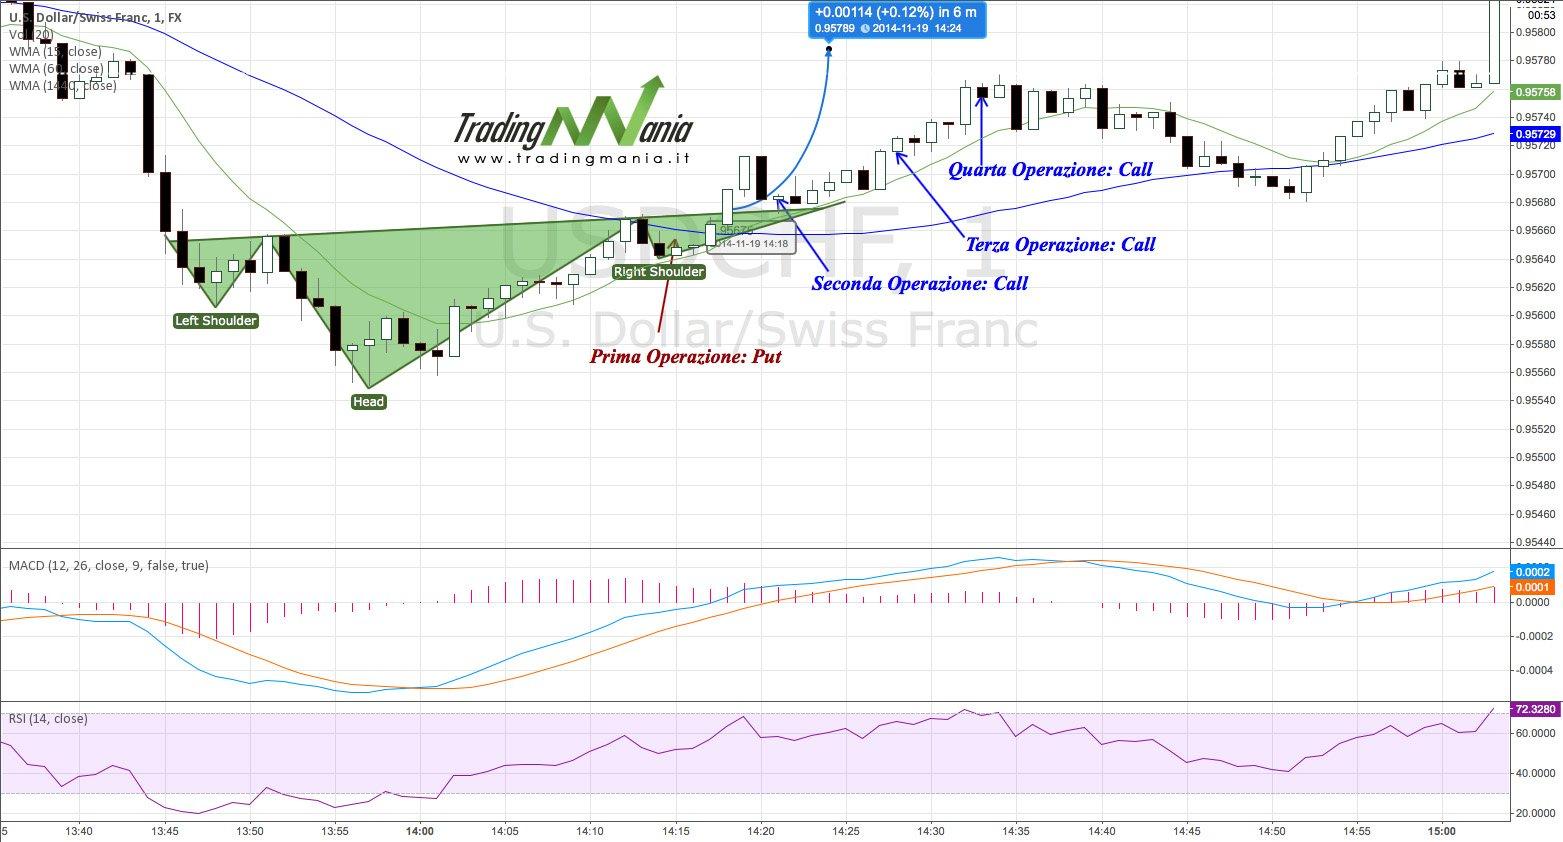 Strategia: trading online dinamico con Candlestick e Analisi Tecnica Classica su USD/CHF